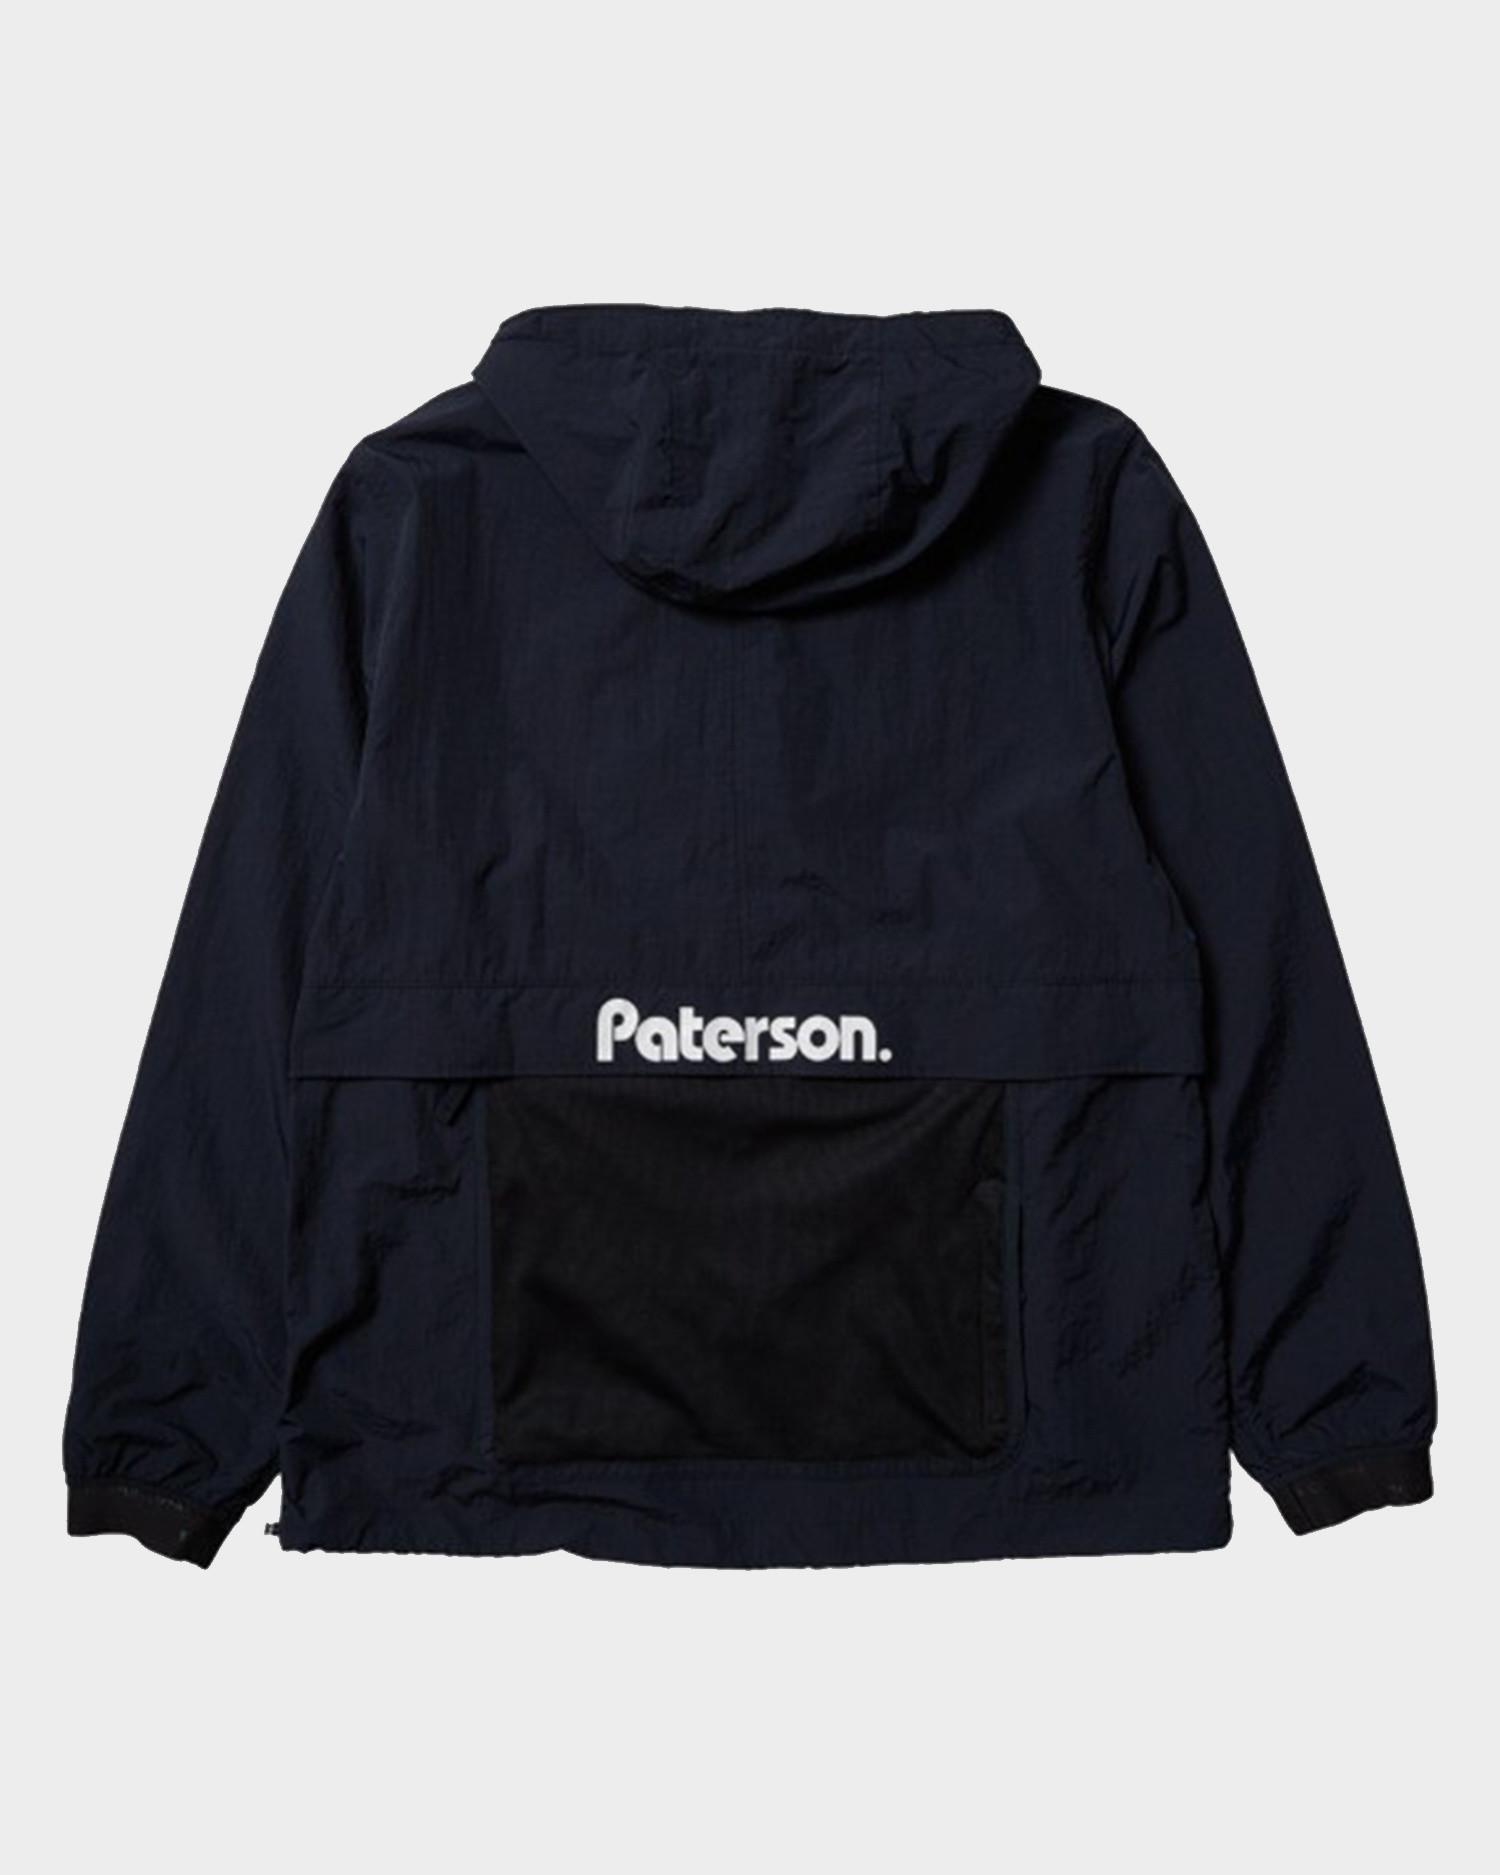 DC X Paterson Jacket Black